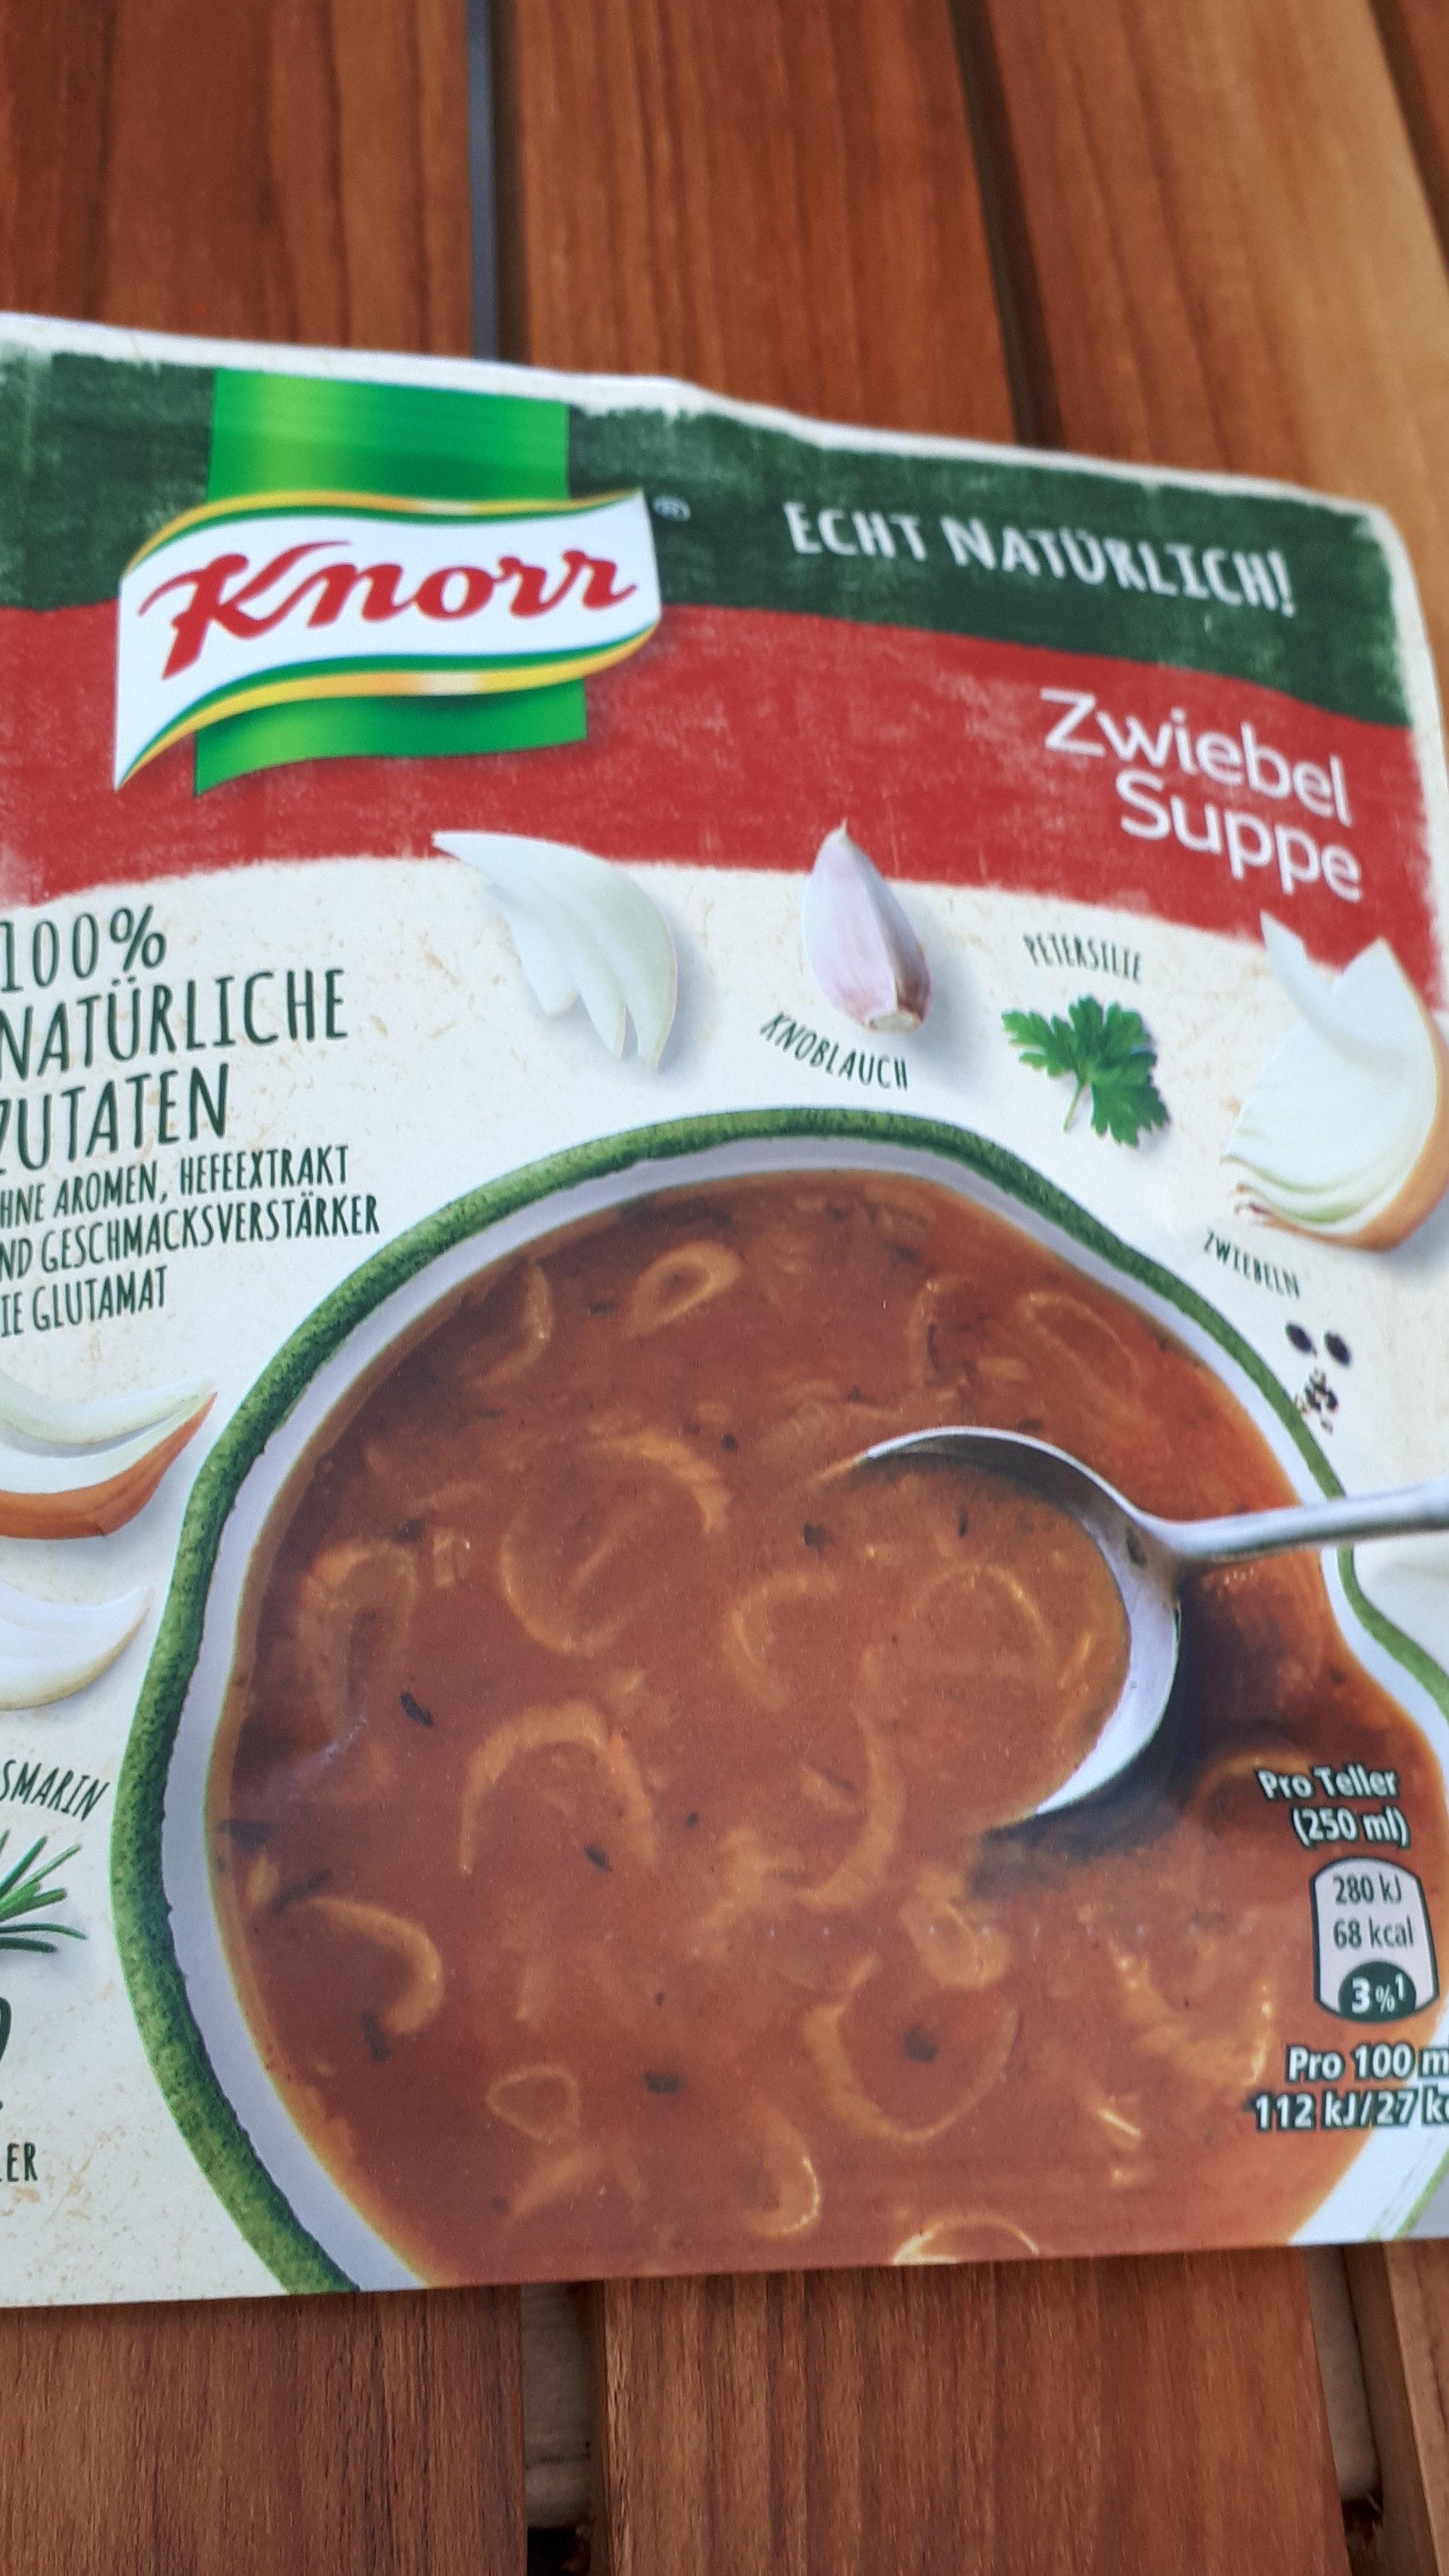 Zwiebel Suppe - Produit